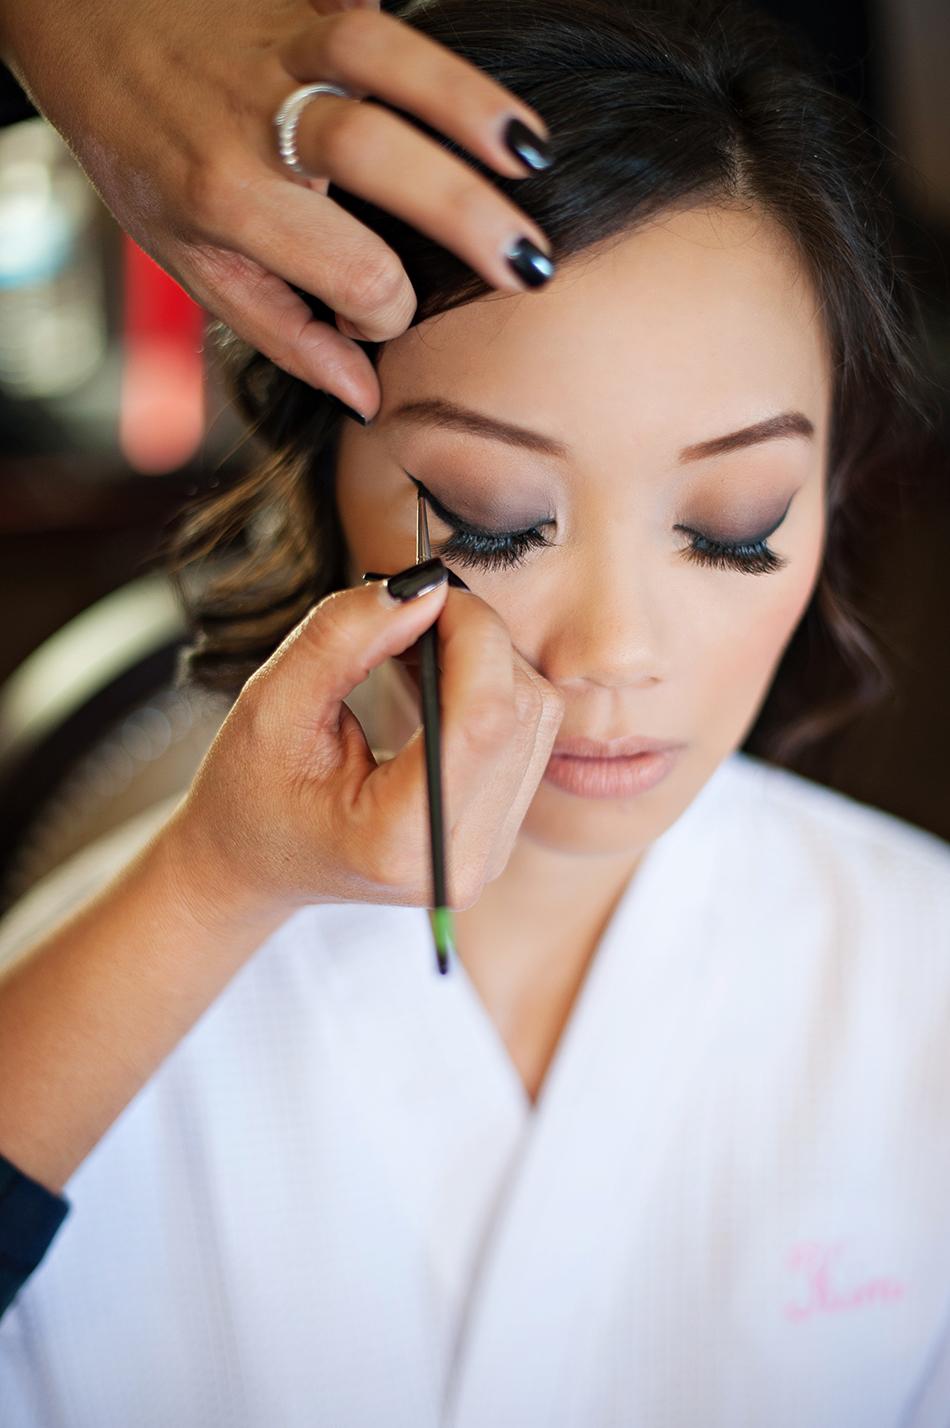 lejeune artistry makeup